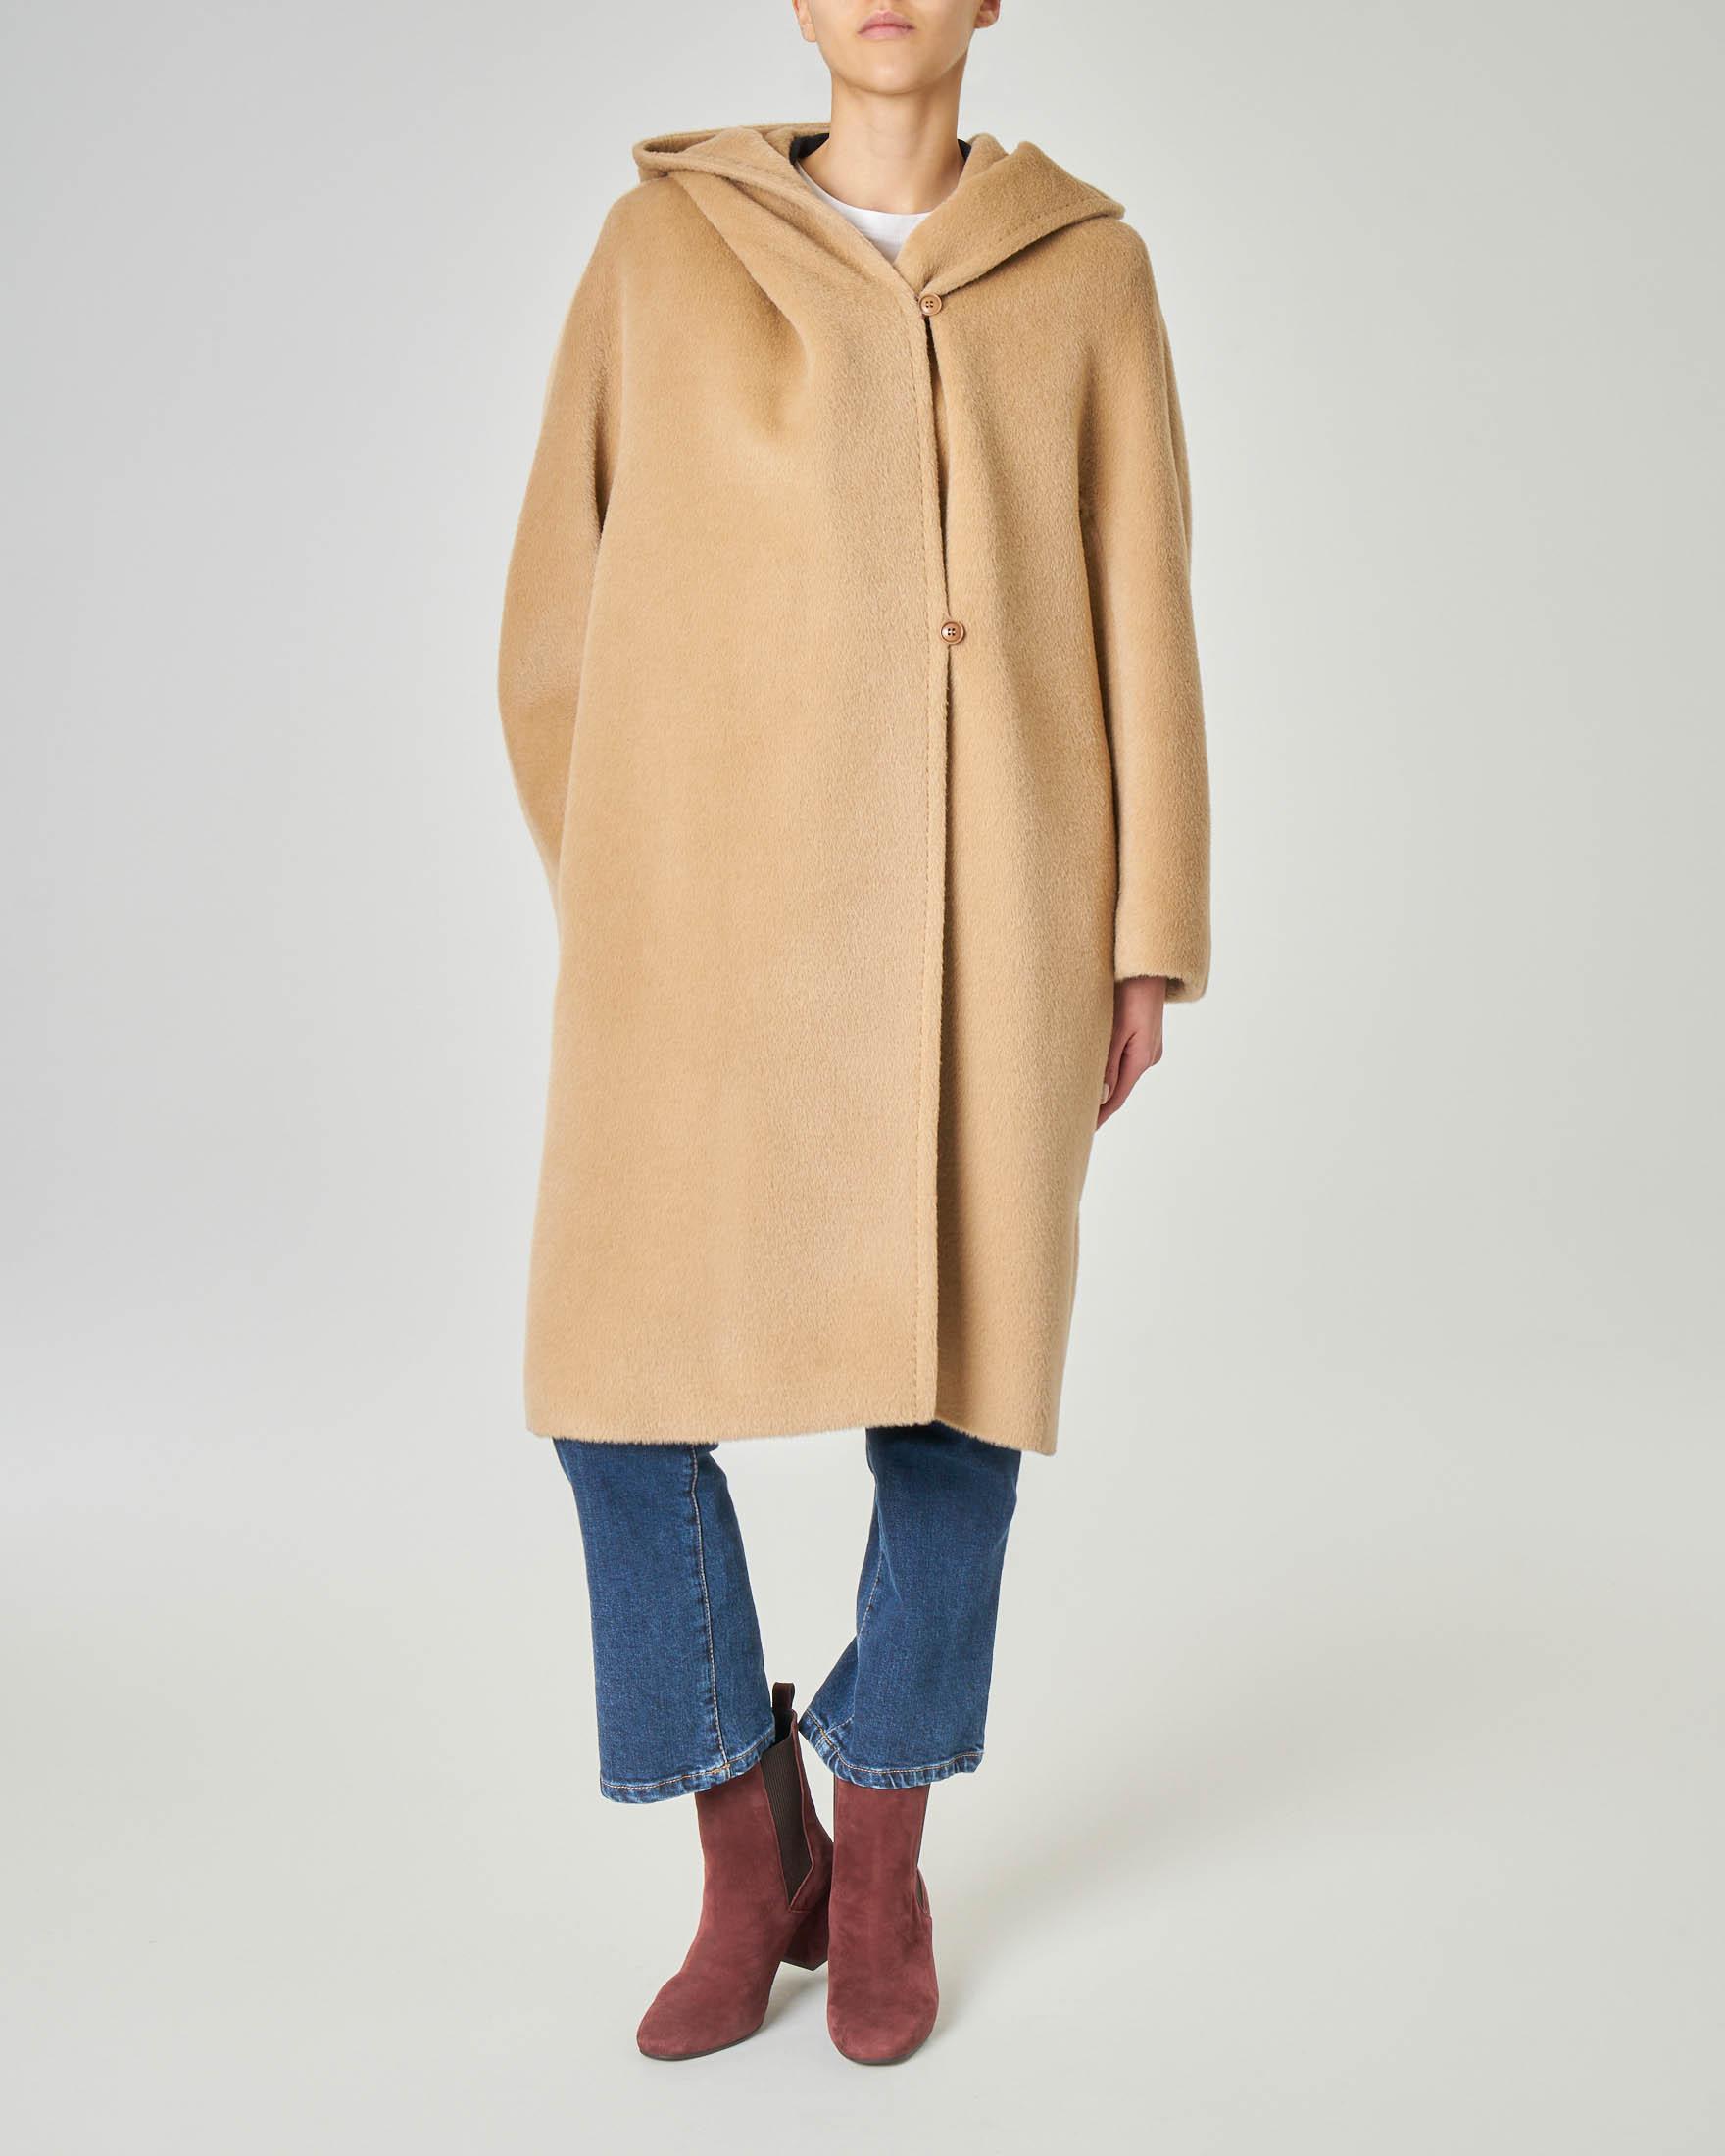 Dettagli su cappotto cappottino elegante donna sciancrato grigio cintura pelo collo 1118